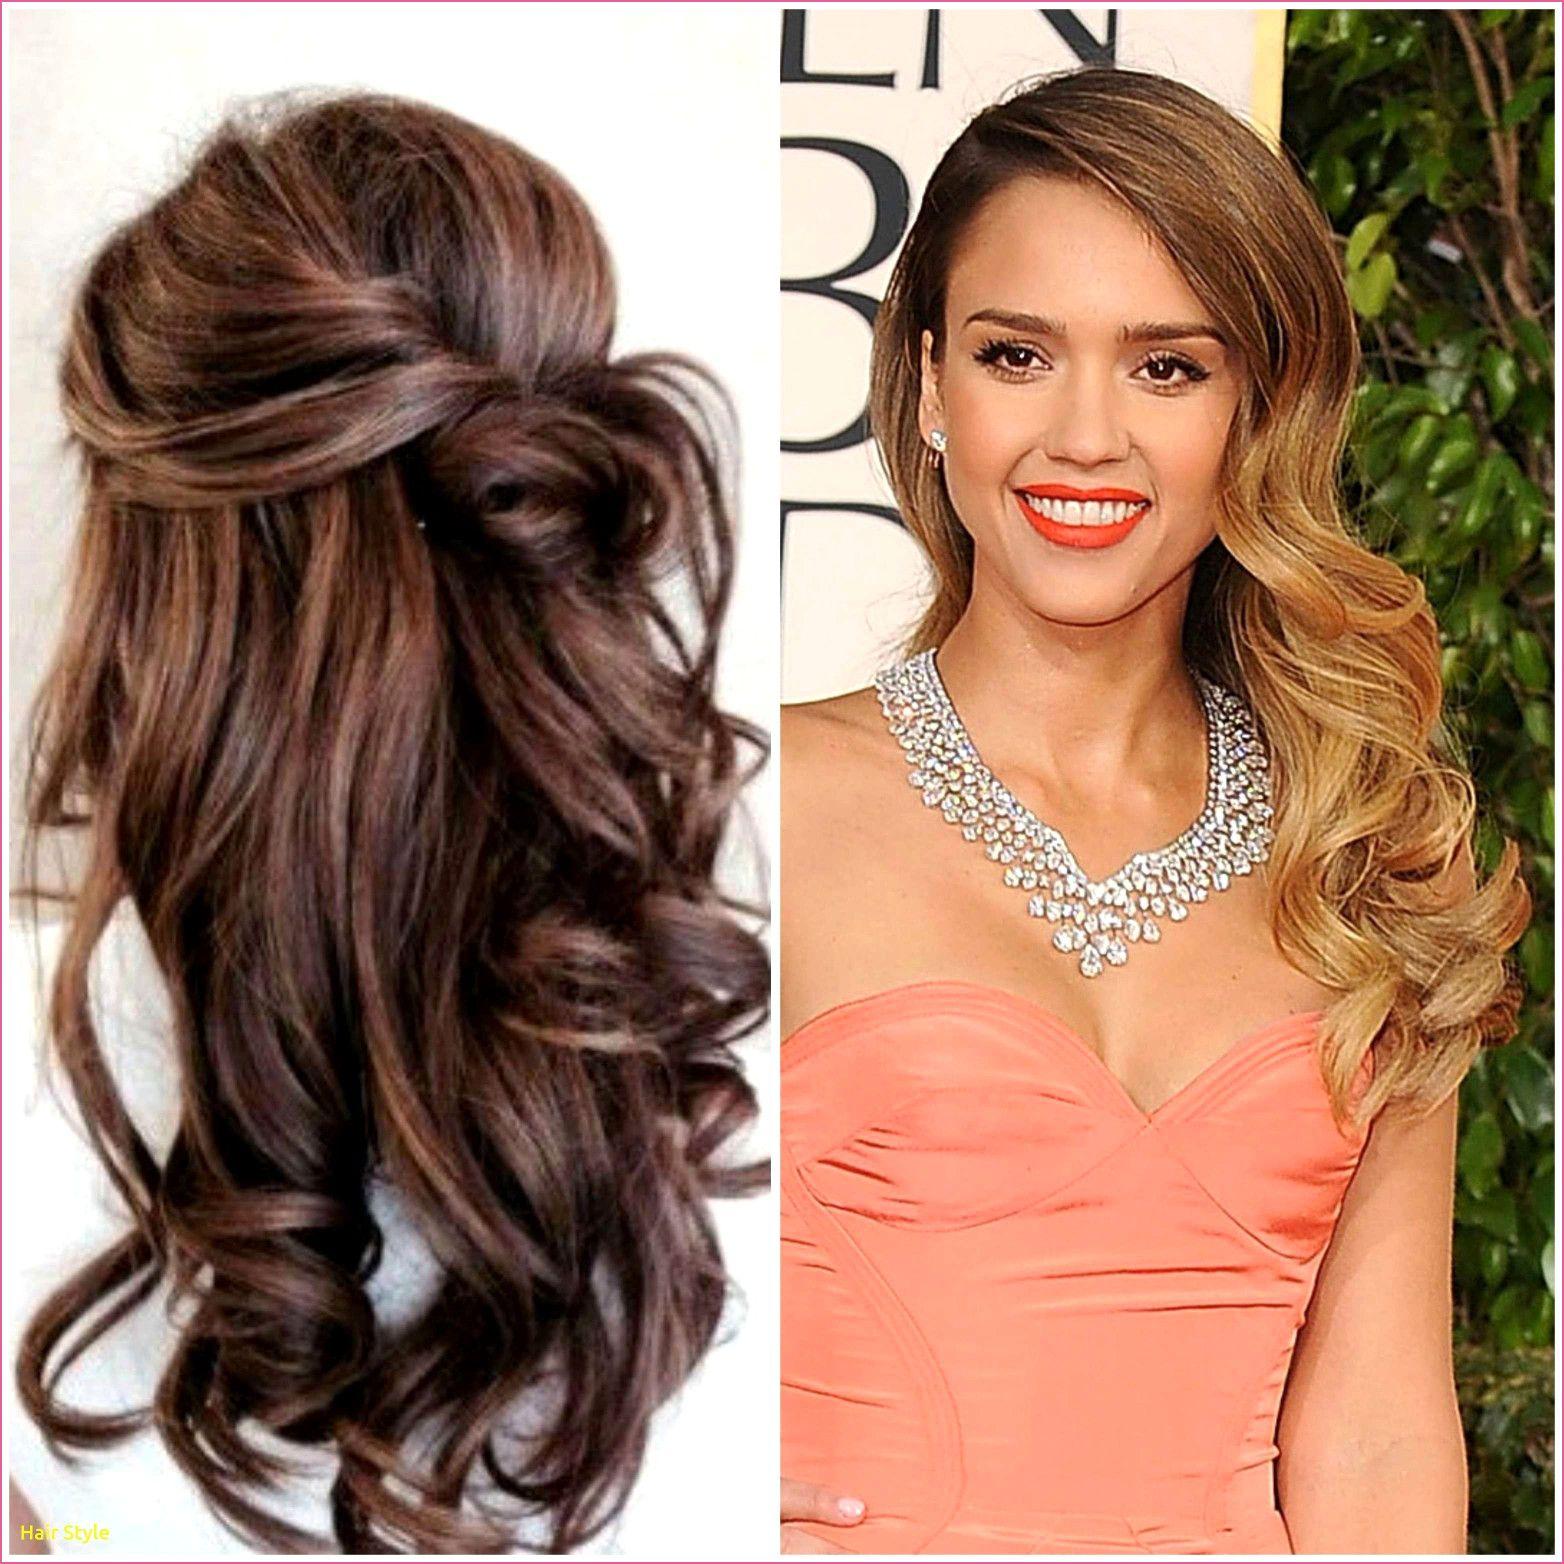 Kurzhaarfrisuren Ohne Scheitel Frisuren Lange Haare Ball Frisuren Lange Haare Farbe Kurzhaarfrisuren